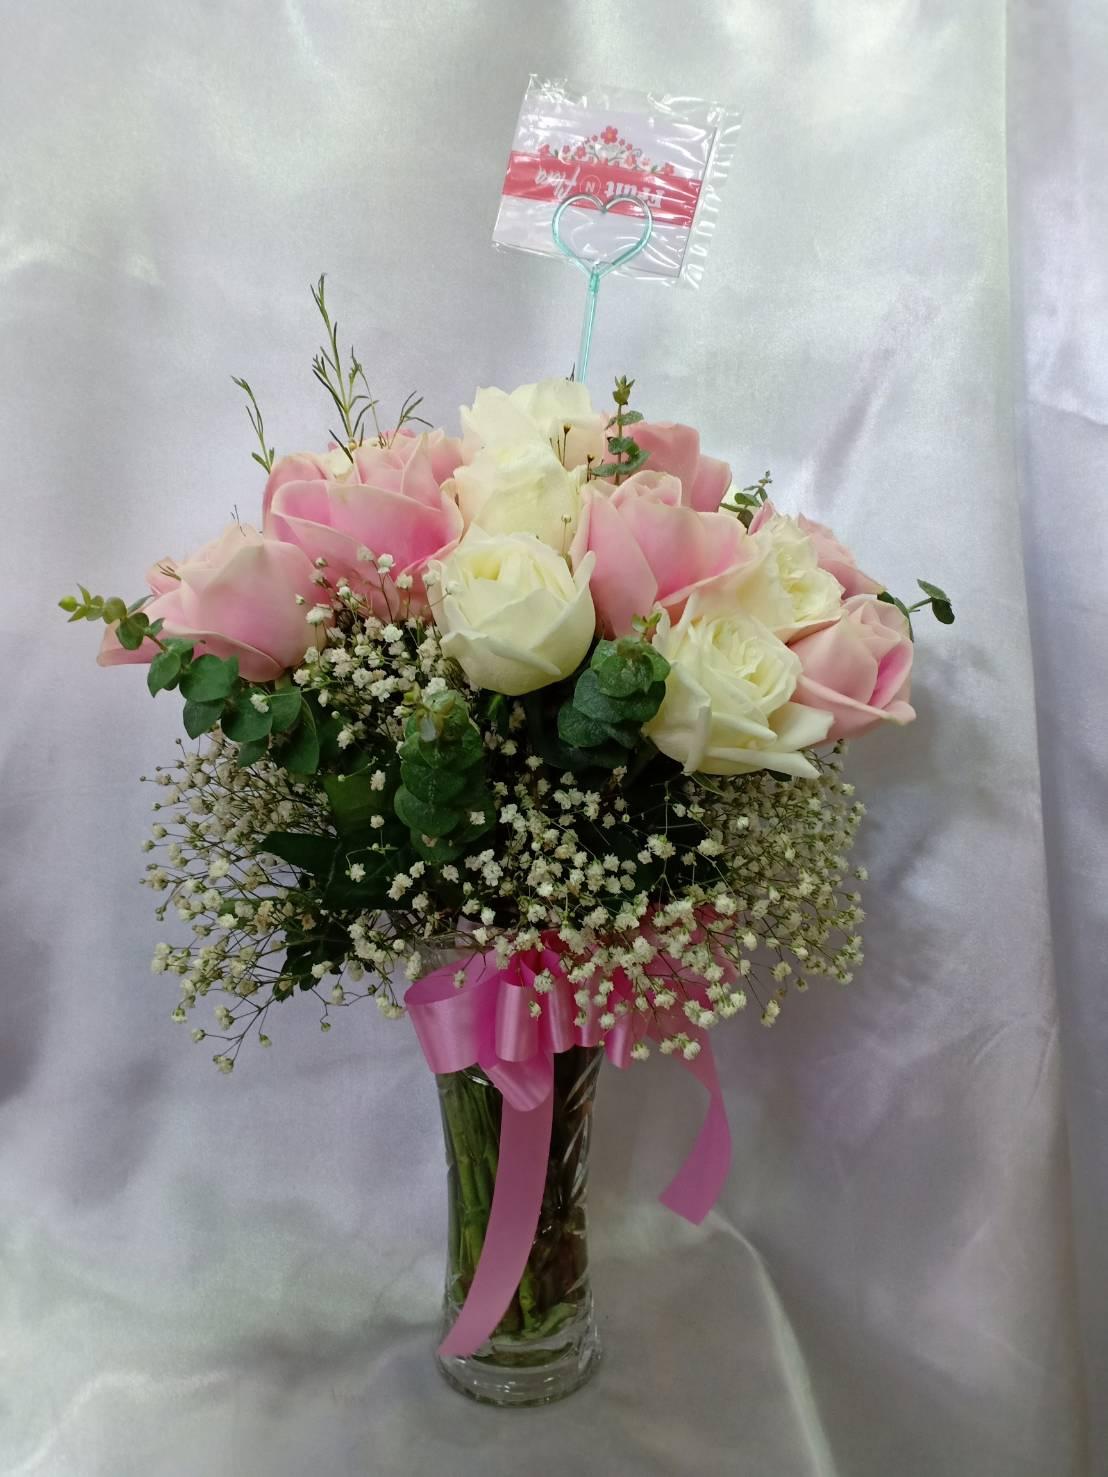 แจกันดอกไม้หวาน ๆ เลือกใช้ดอกกุหลาบคละสีมาจัดเรียงอย่างงดงาม